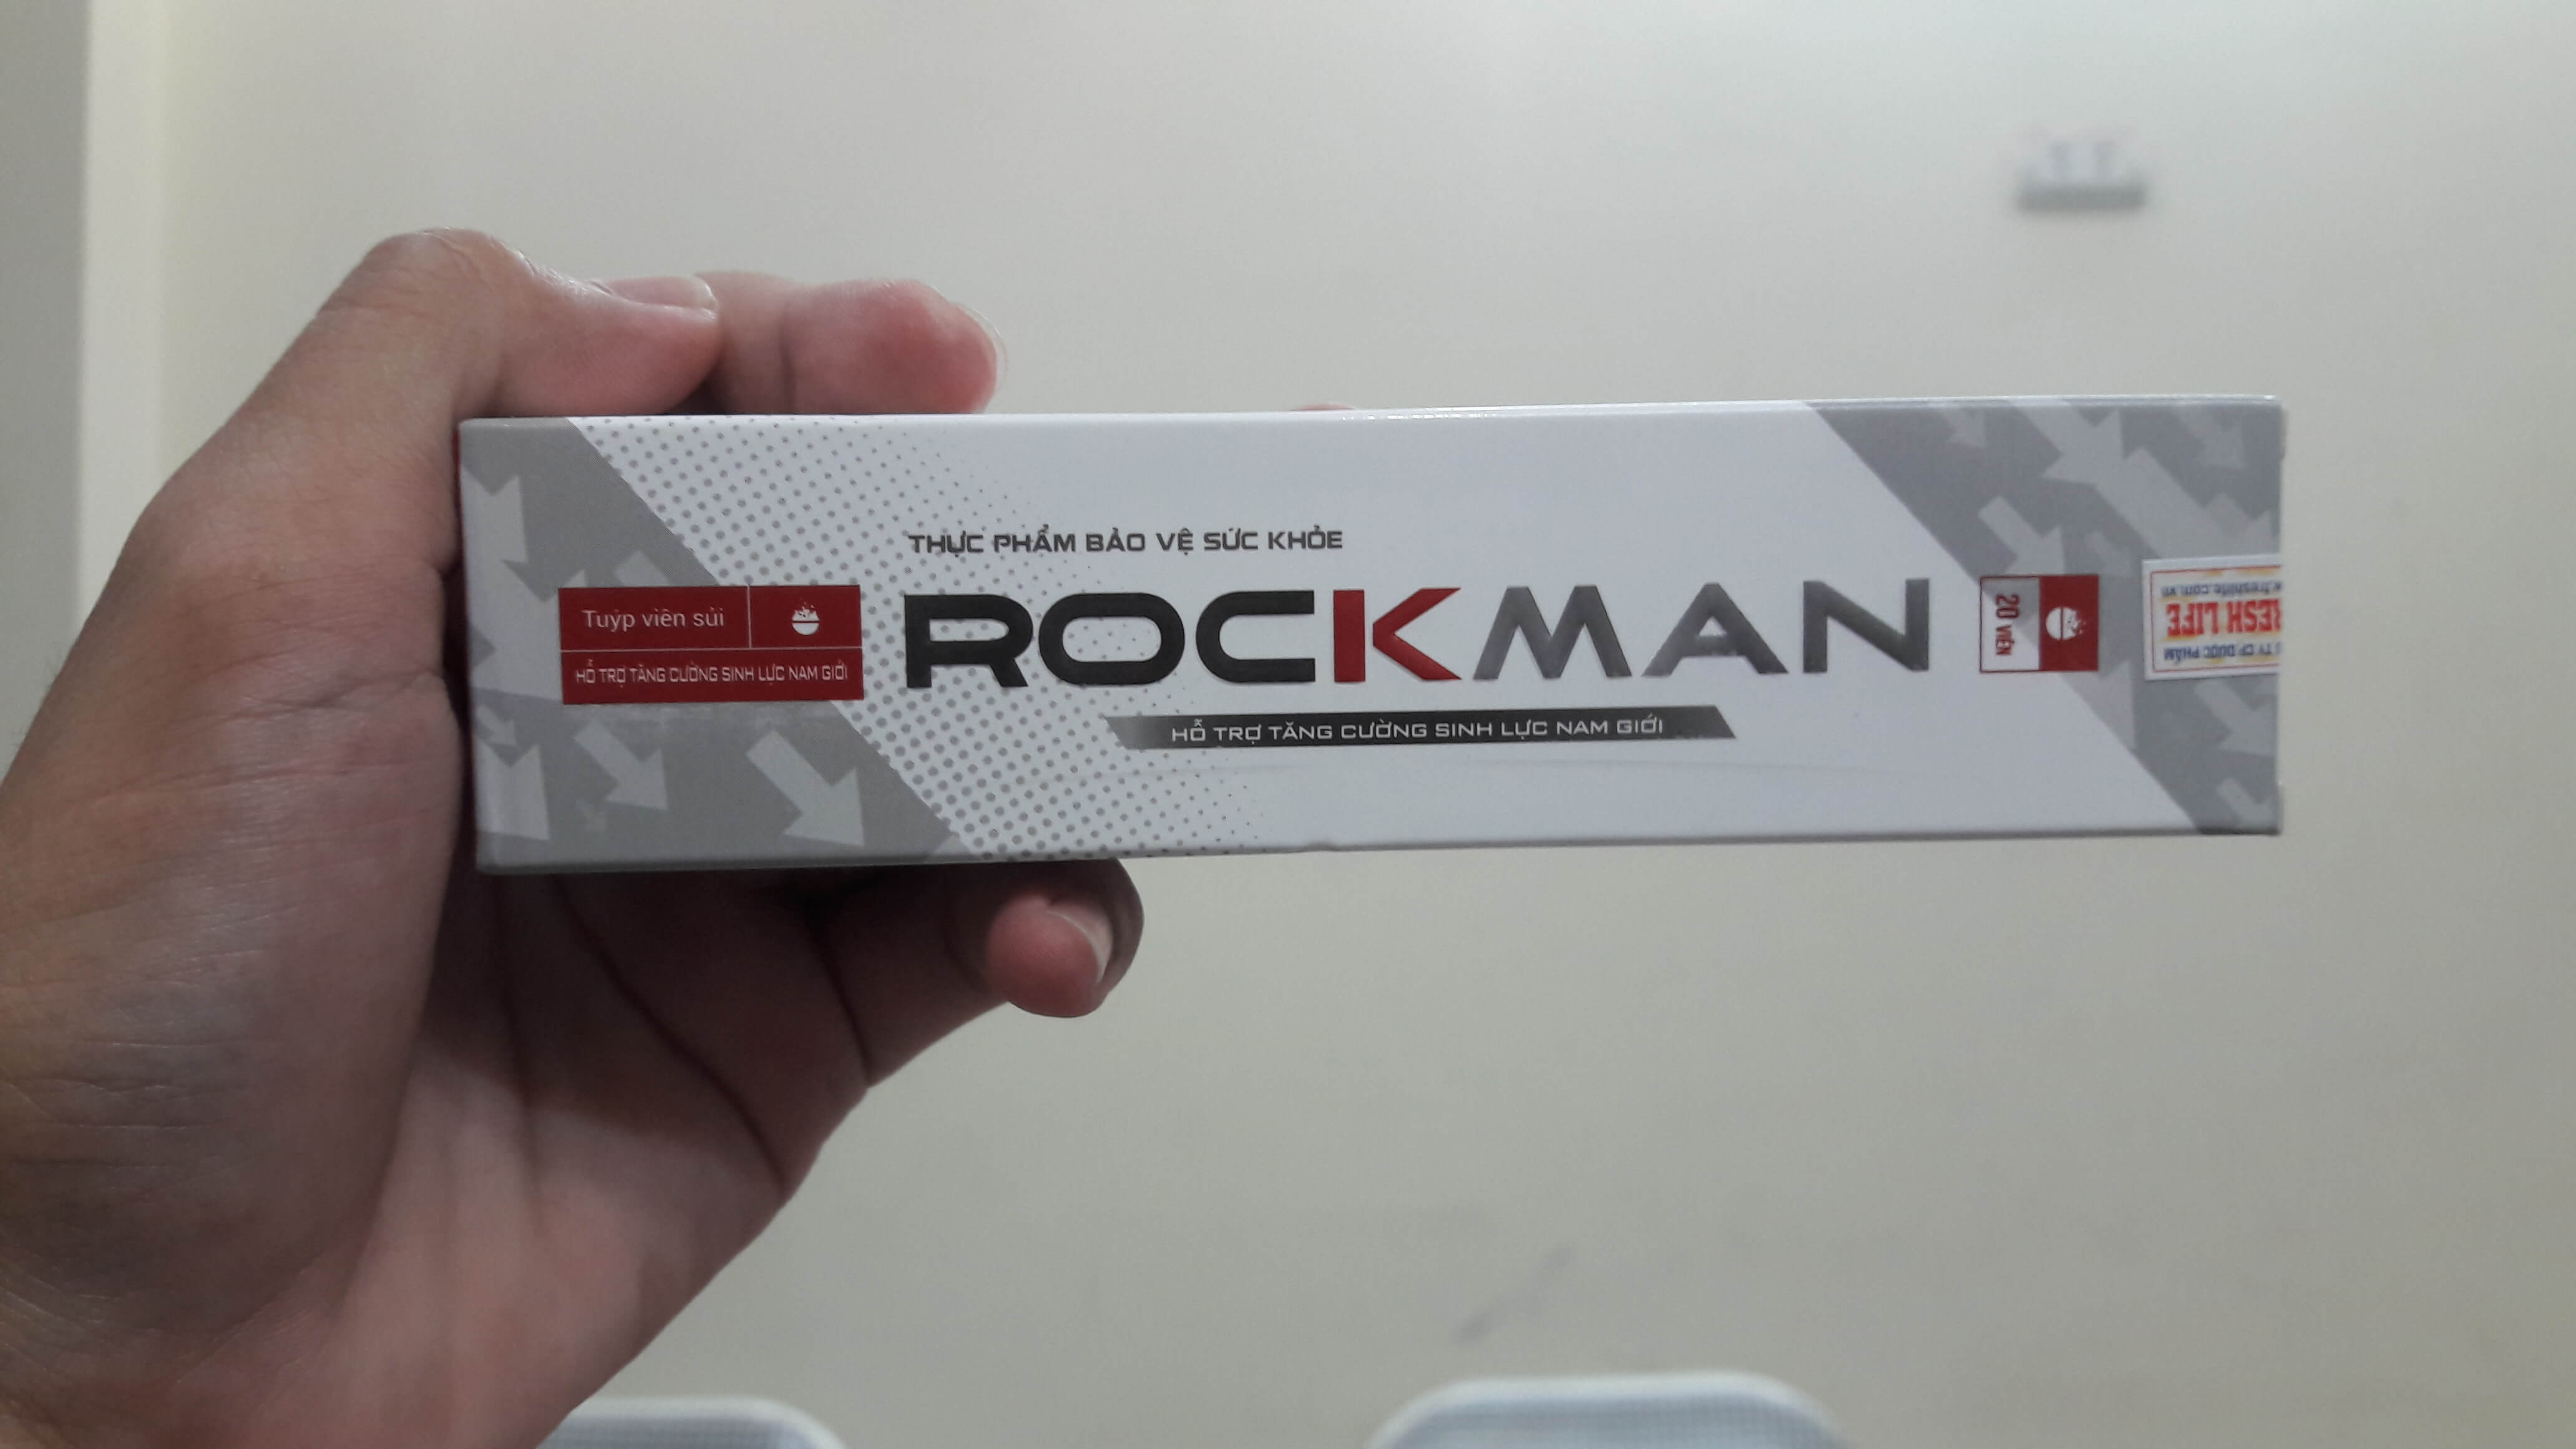 cach-phan-biet-rockman-that-gia